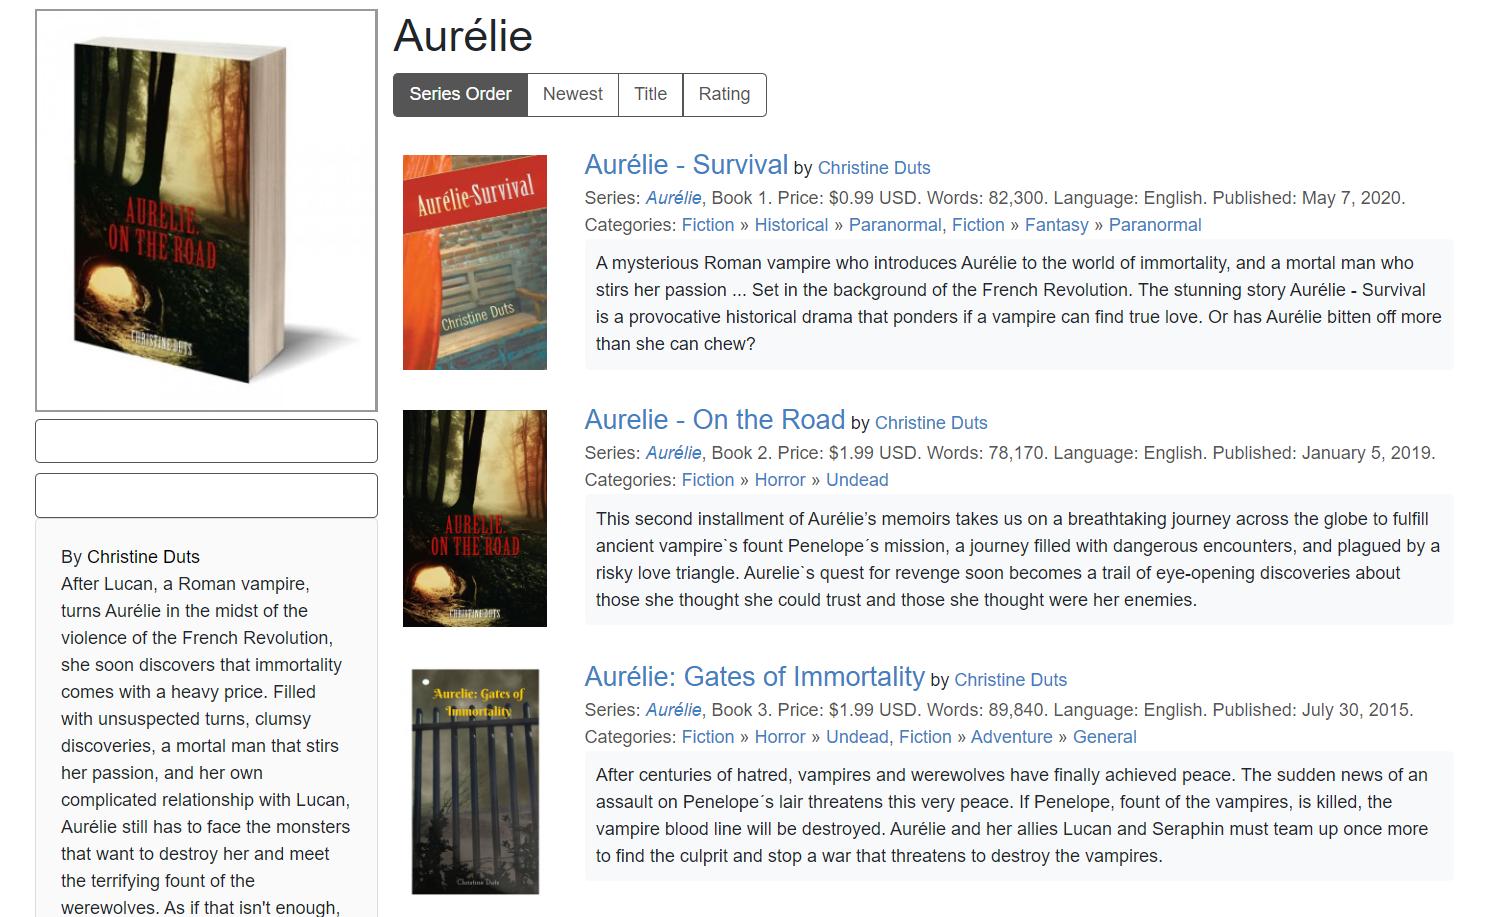 Aurelie series